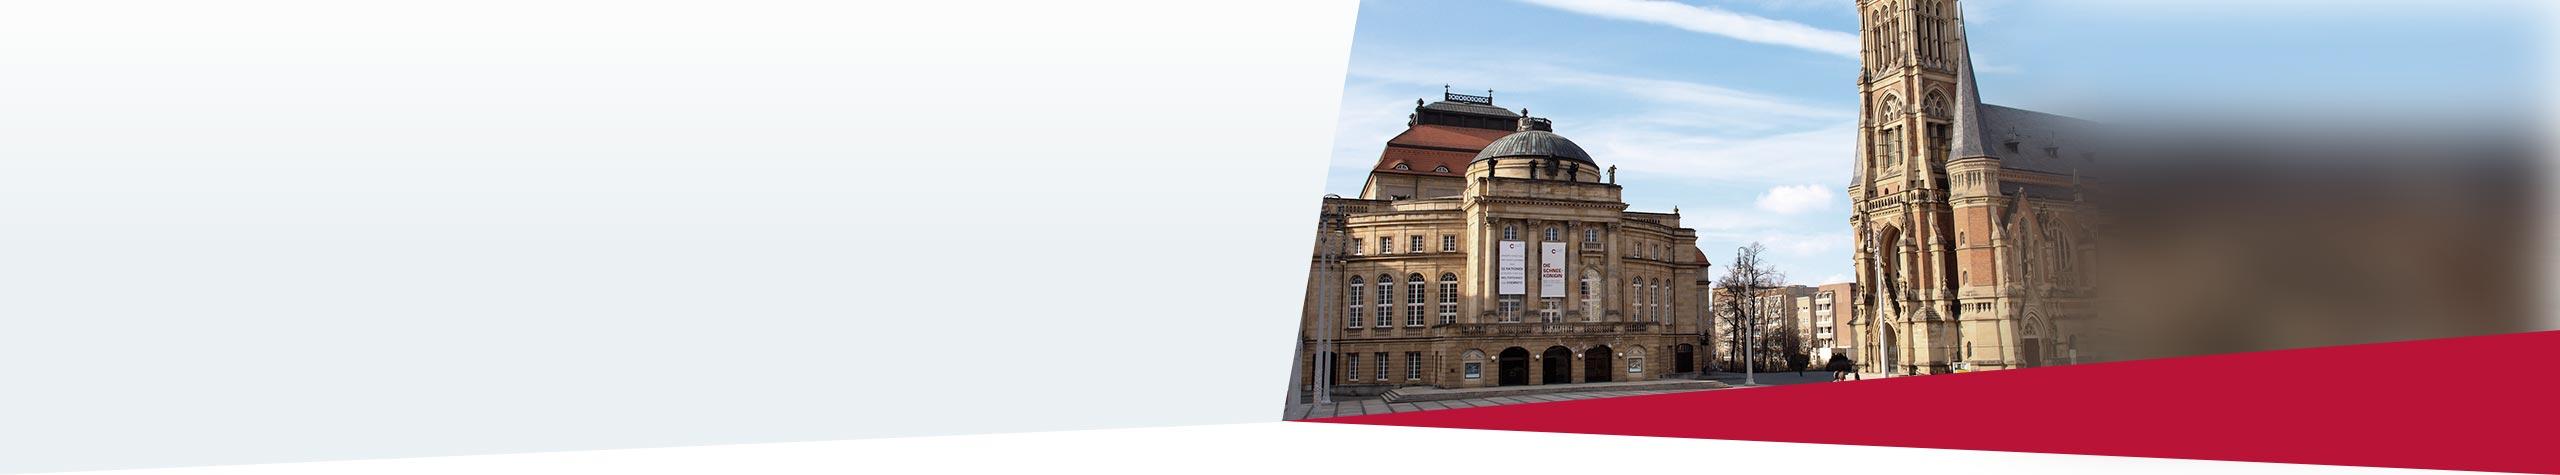 Chemnitz Beratung und Service in Ihrer Nähe.